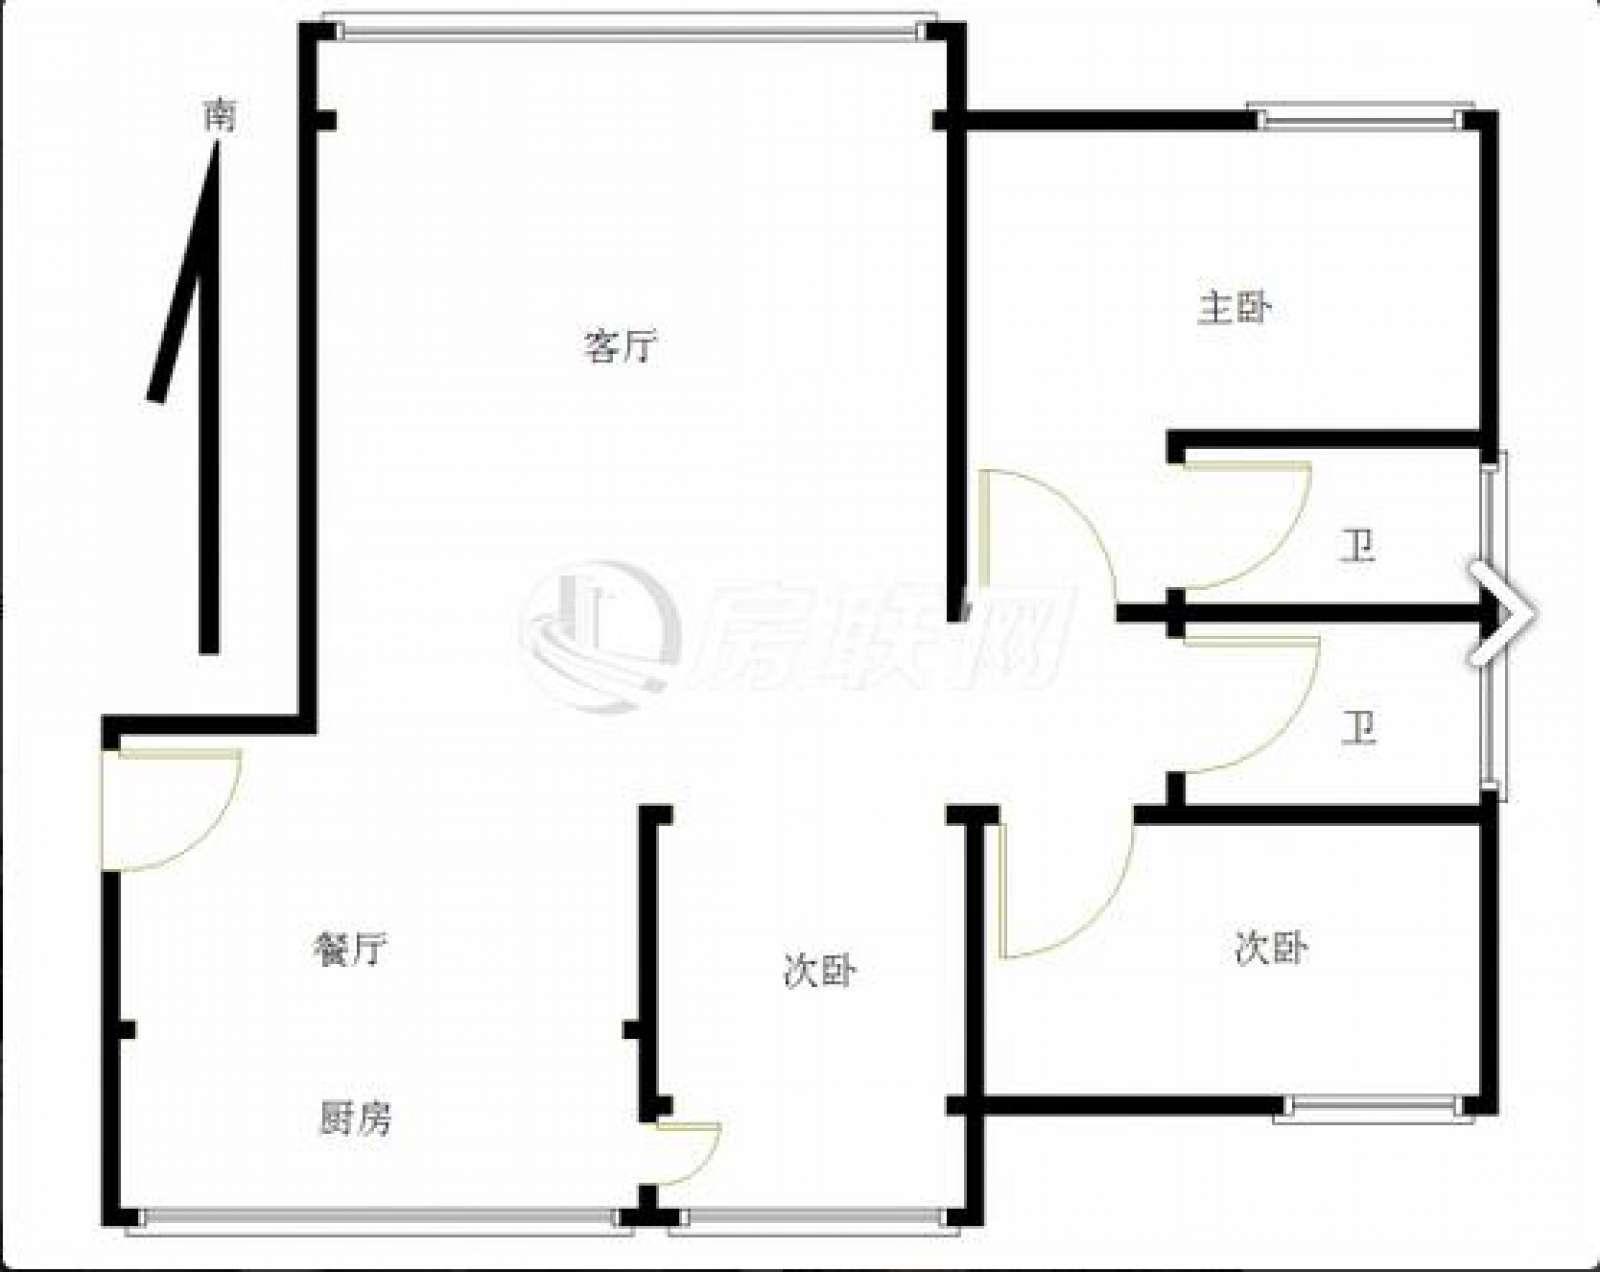 大润发 3室2厅120㎡